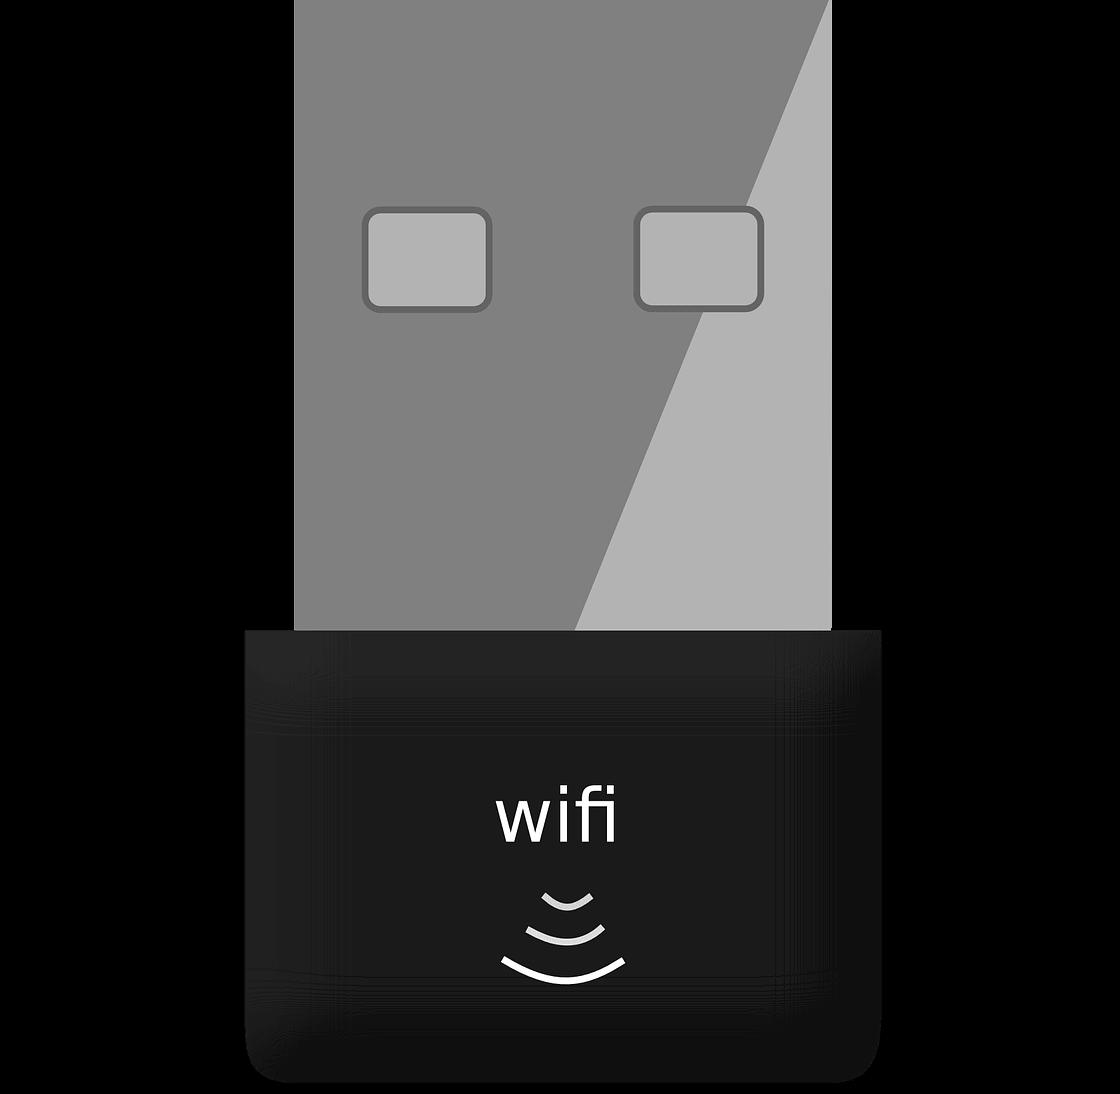 People using WiFi.